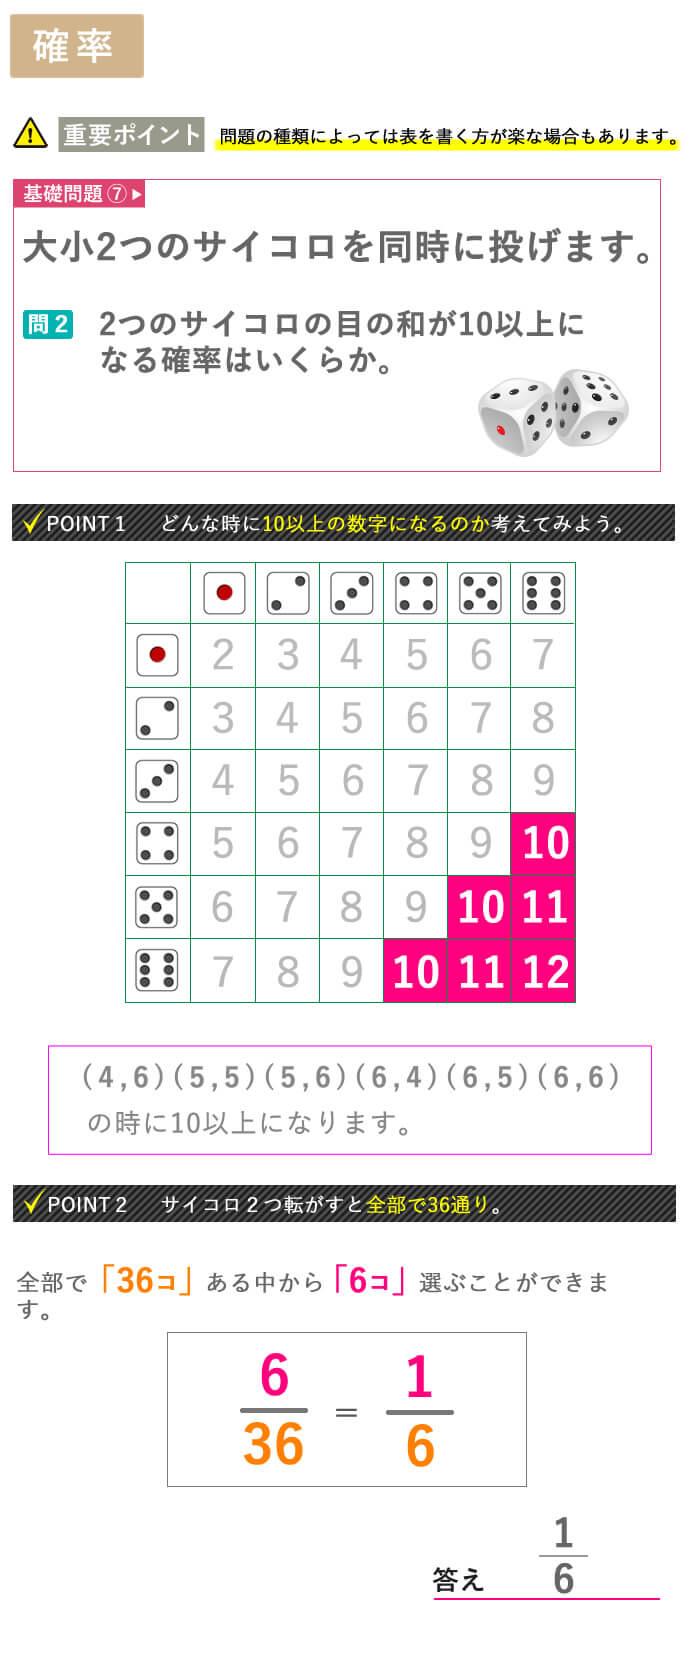 看護予備校大阪KAZアカデミーの場合の数、【確率 その8】画像